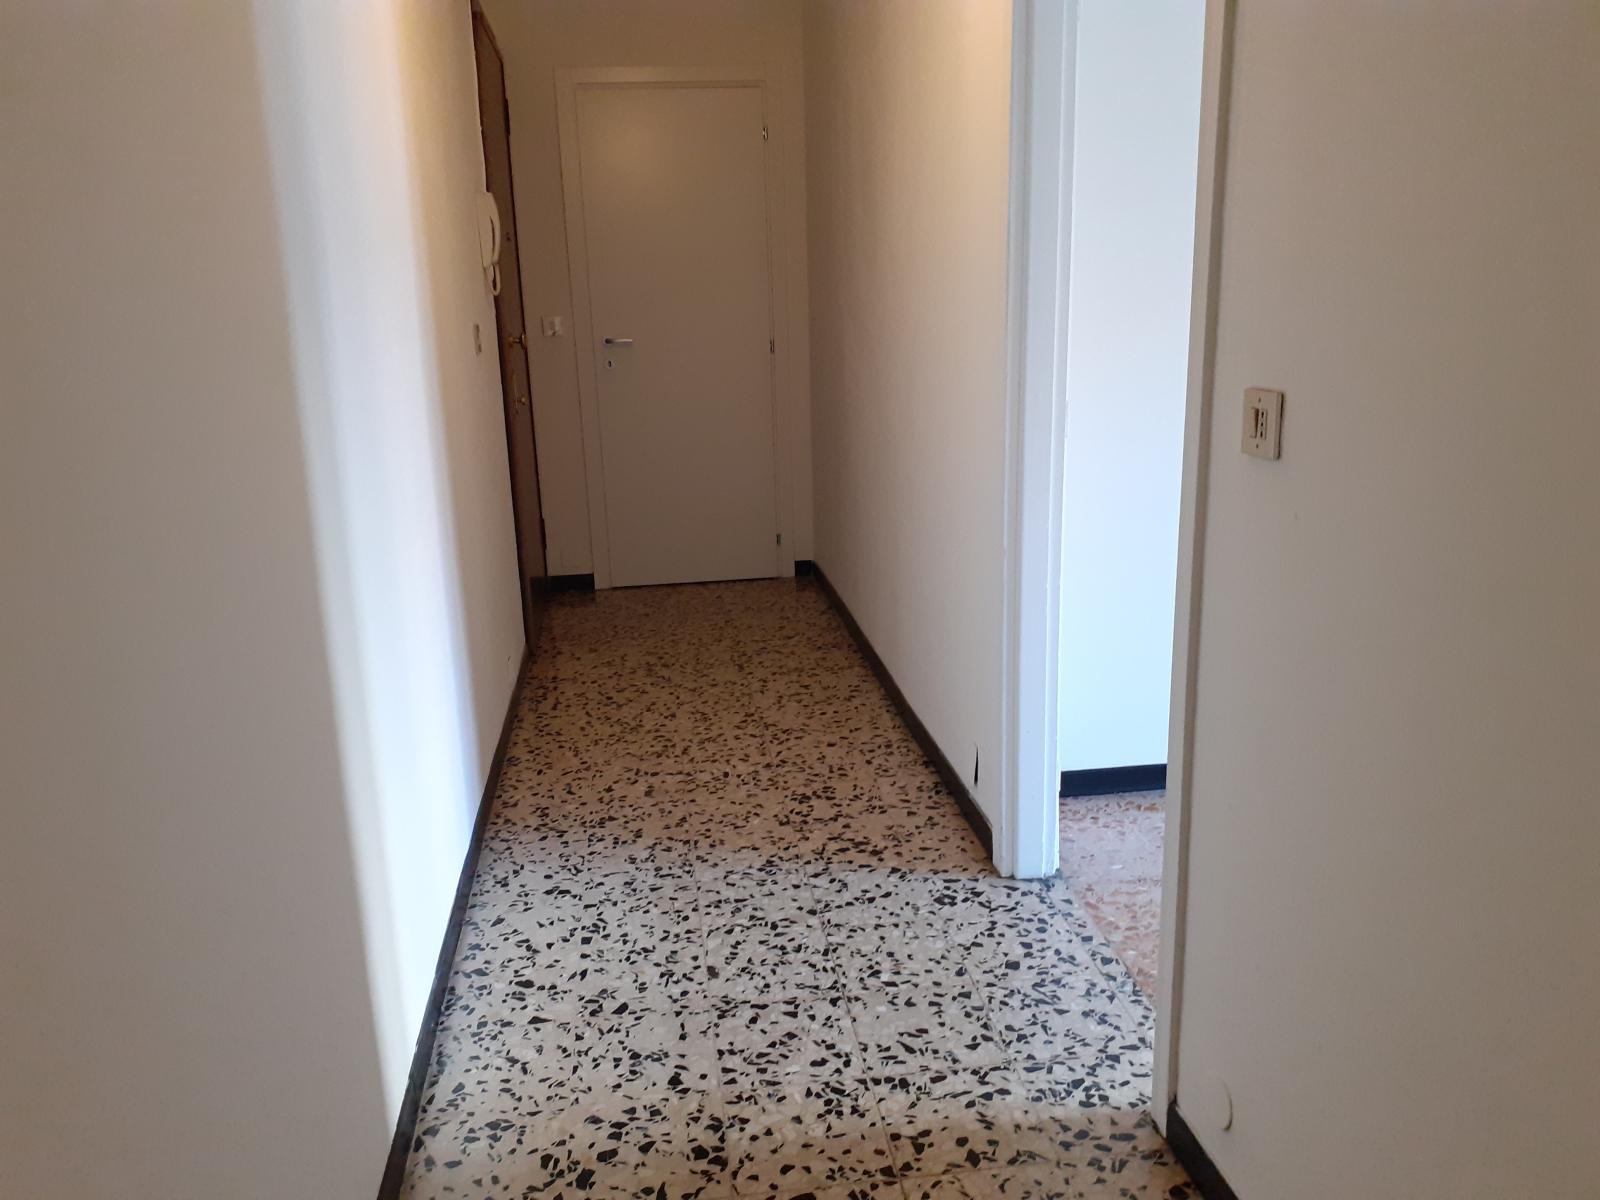 appartamento-in-vendita-a-milano-baggio-via-bagarotti-spaziourbano-immobiliare-vende-2-locali-12